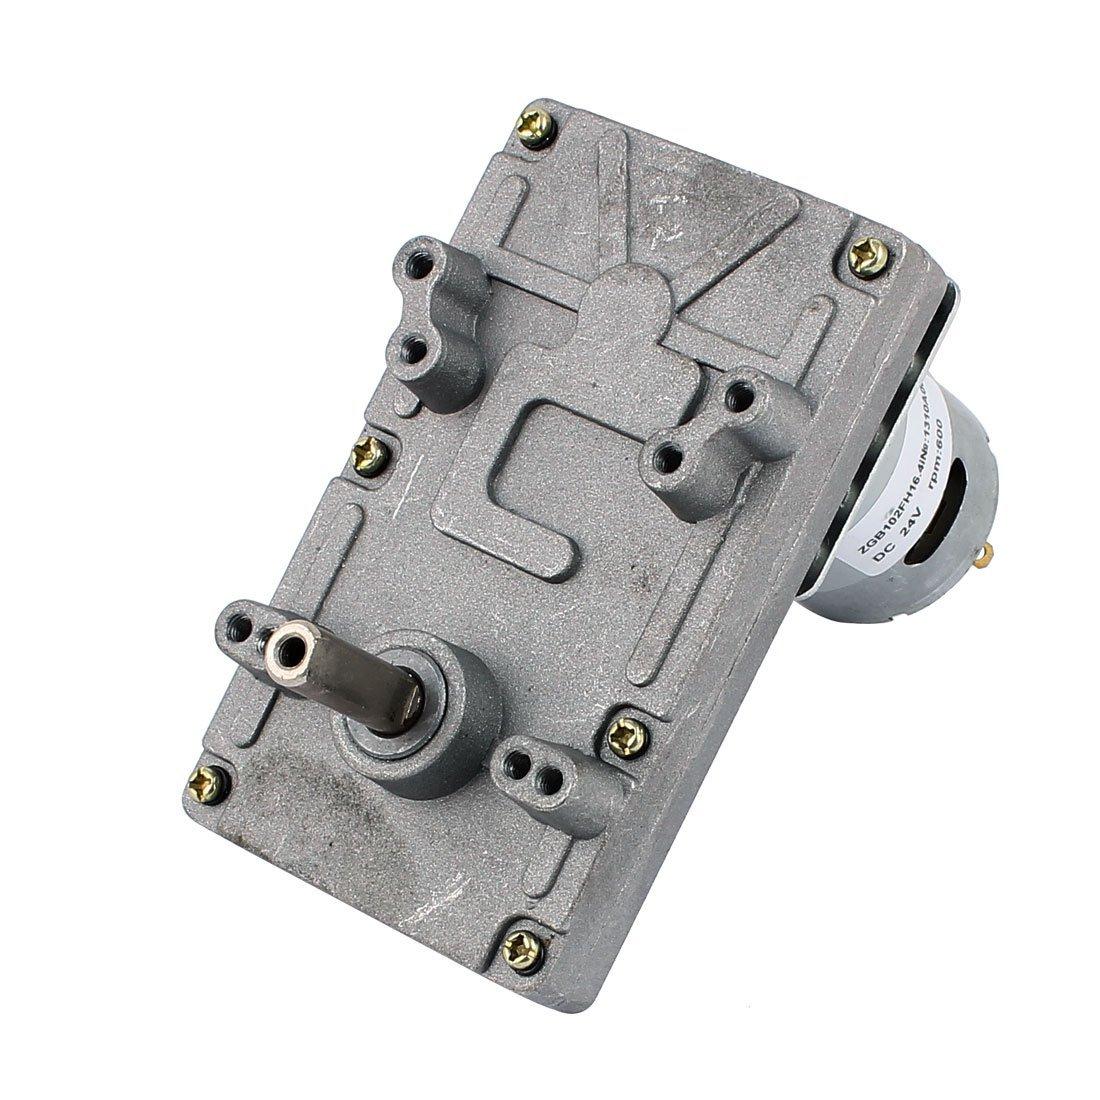 eDealMax DC24V 600 rpm de alto par eléctrico DC gusano de la caja de engranajes del motor reductor de velocidad - - Amazon.com